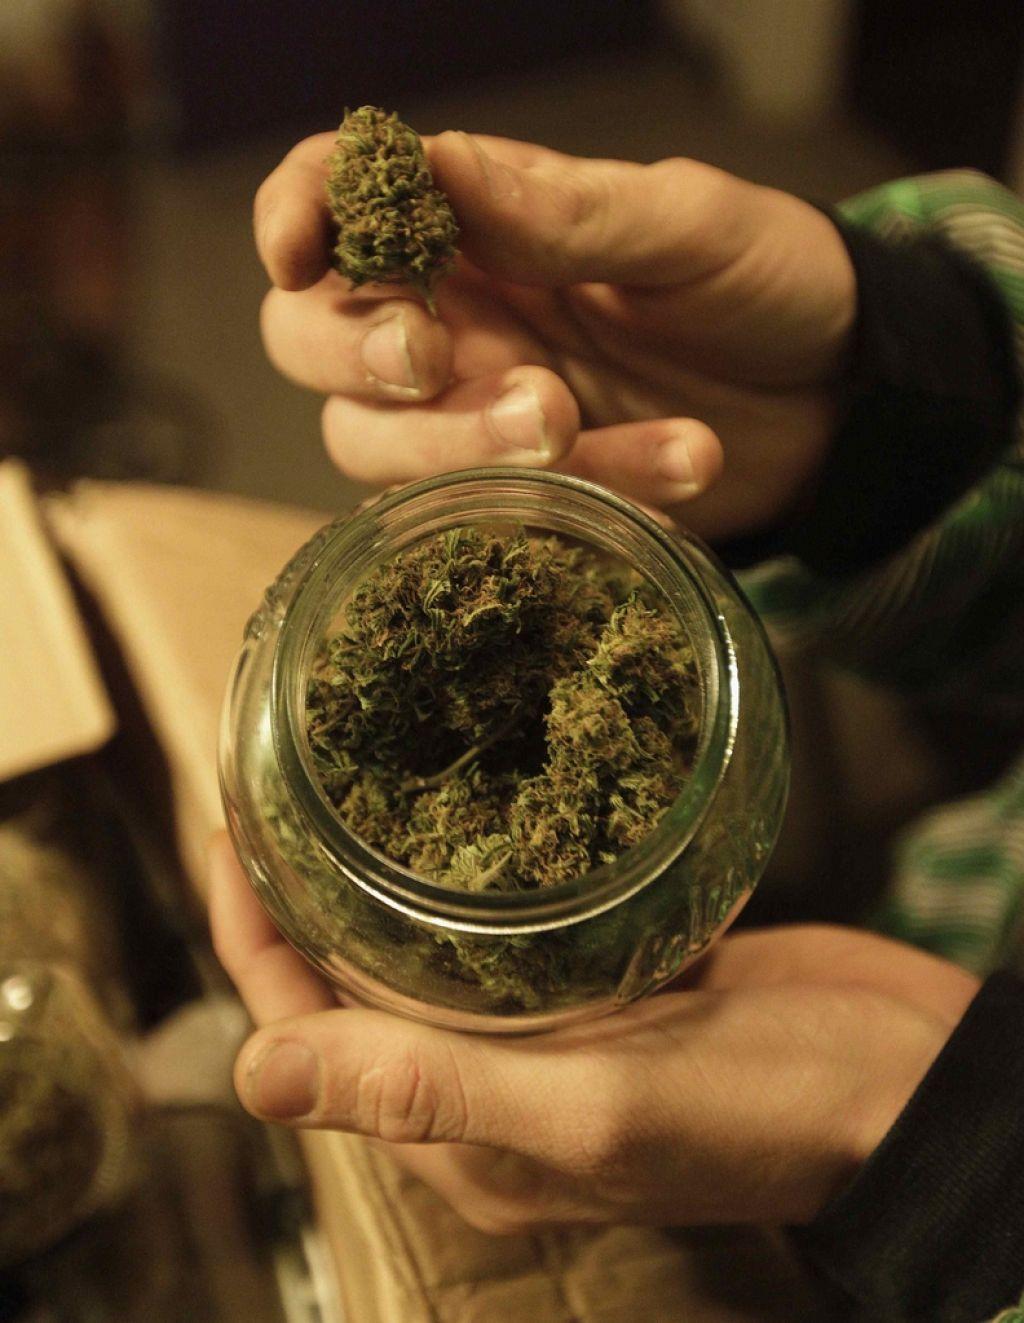 Deset drog, ki so bile nekoč legalne